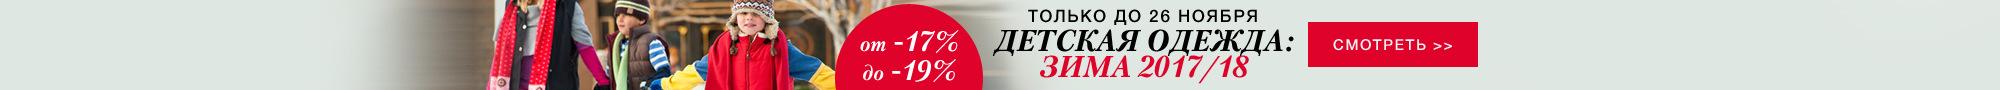 Скидки от -17% до -19% на коллекцию детской одежды Зима 2017/18